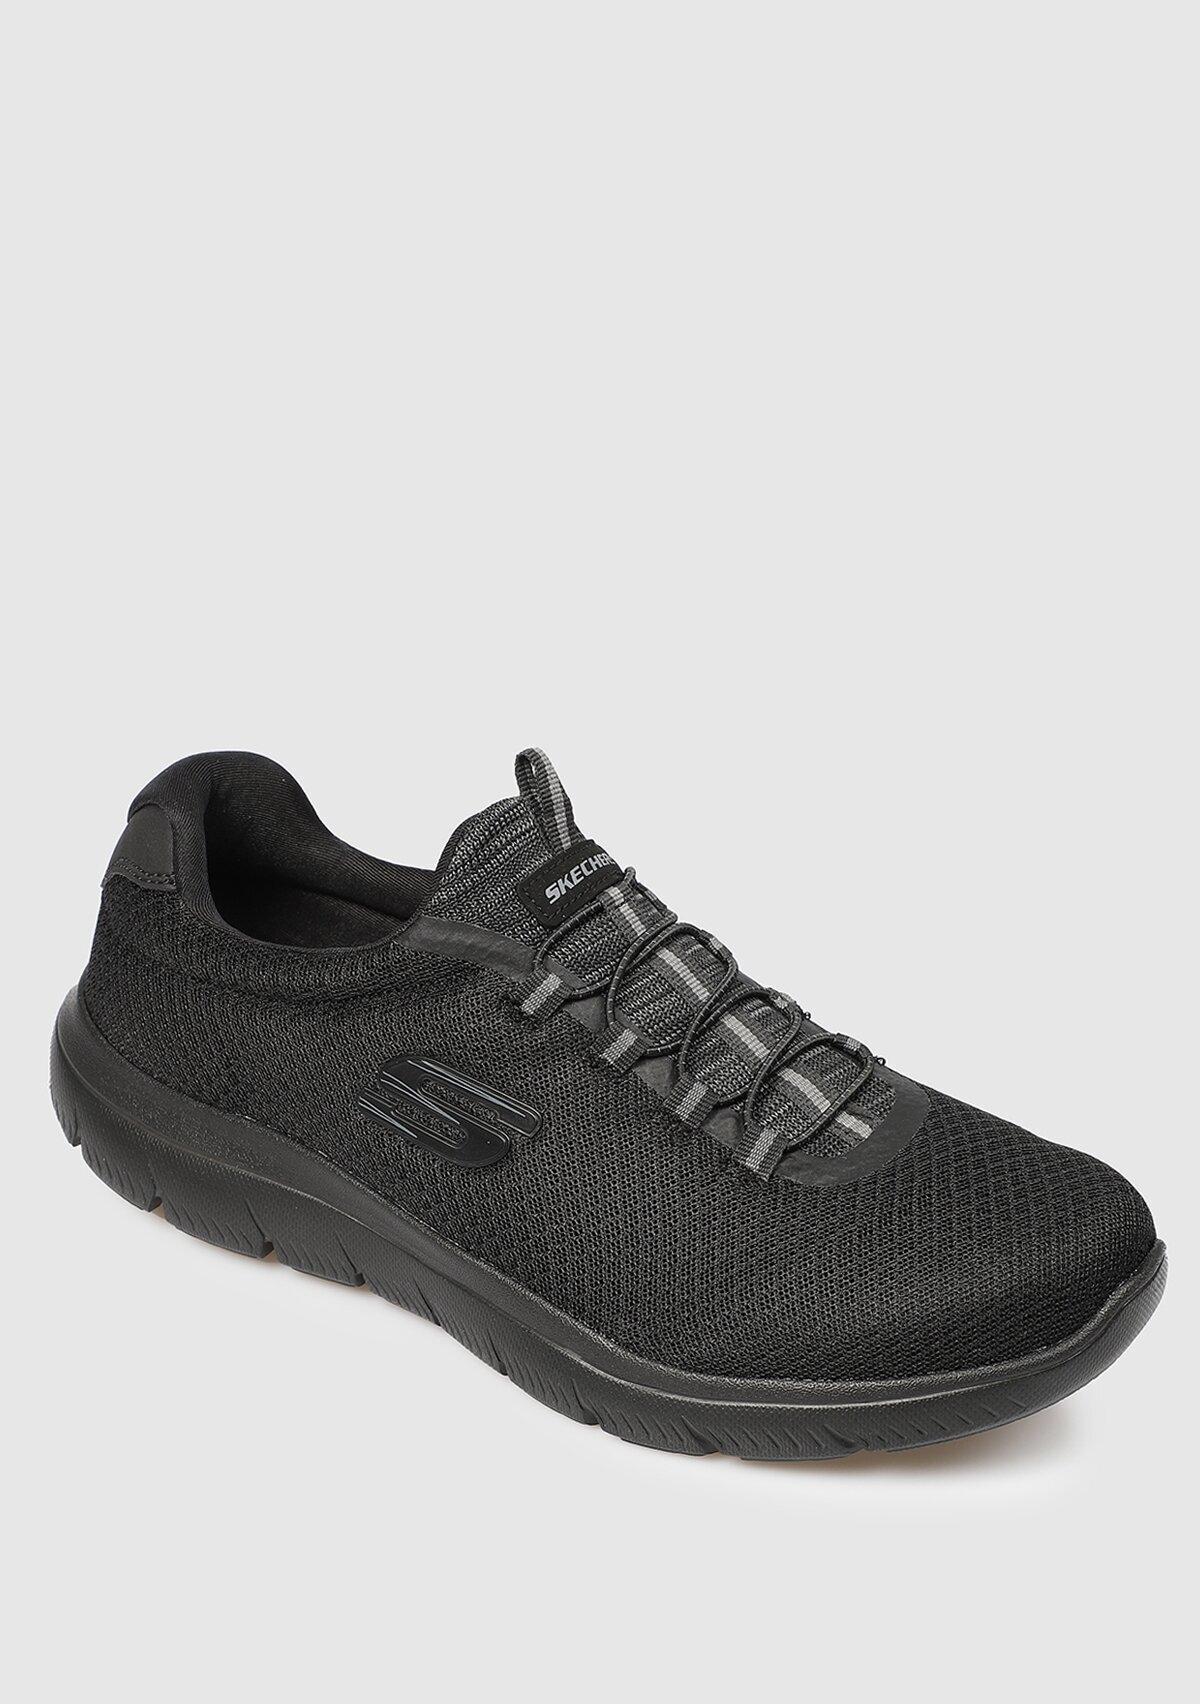 resm Summits Siyah Erkek Sneaker 52811Bbk